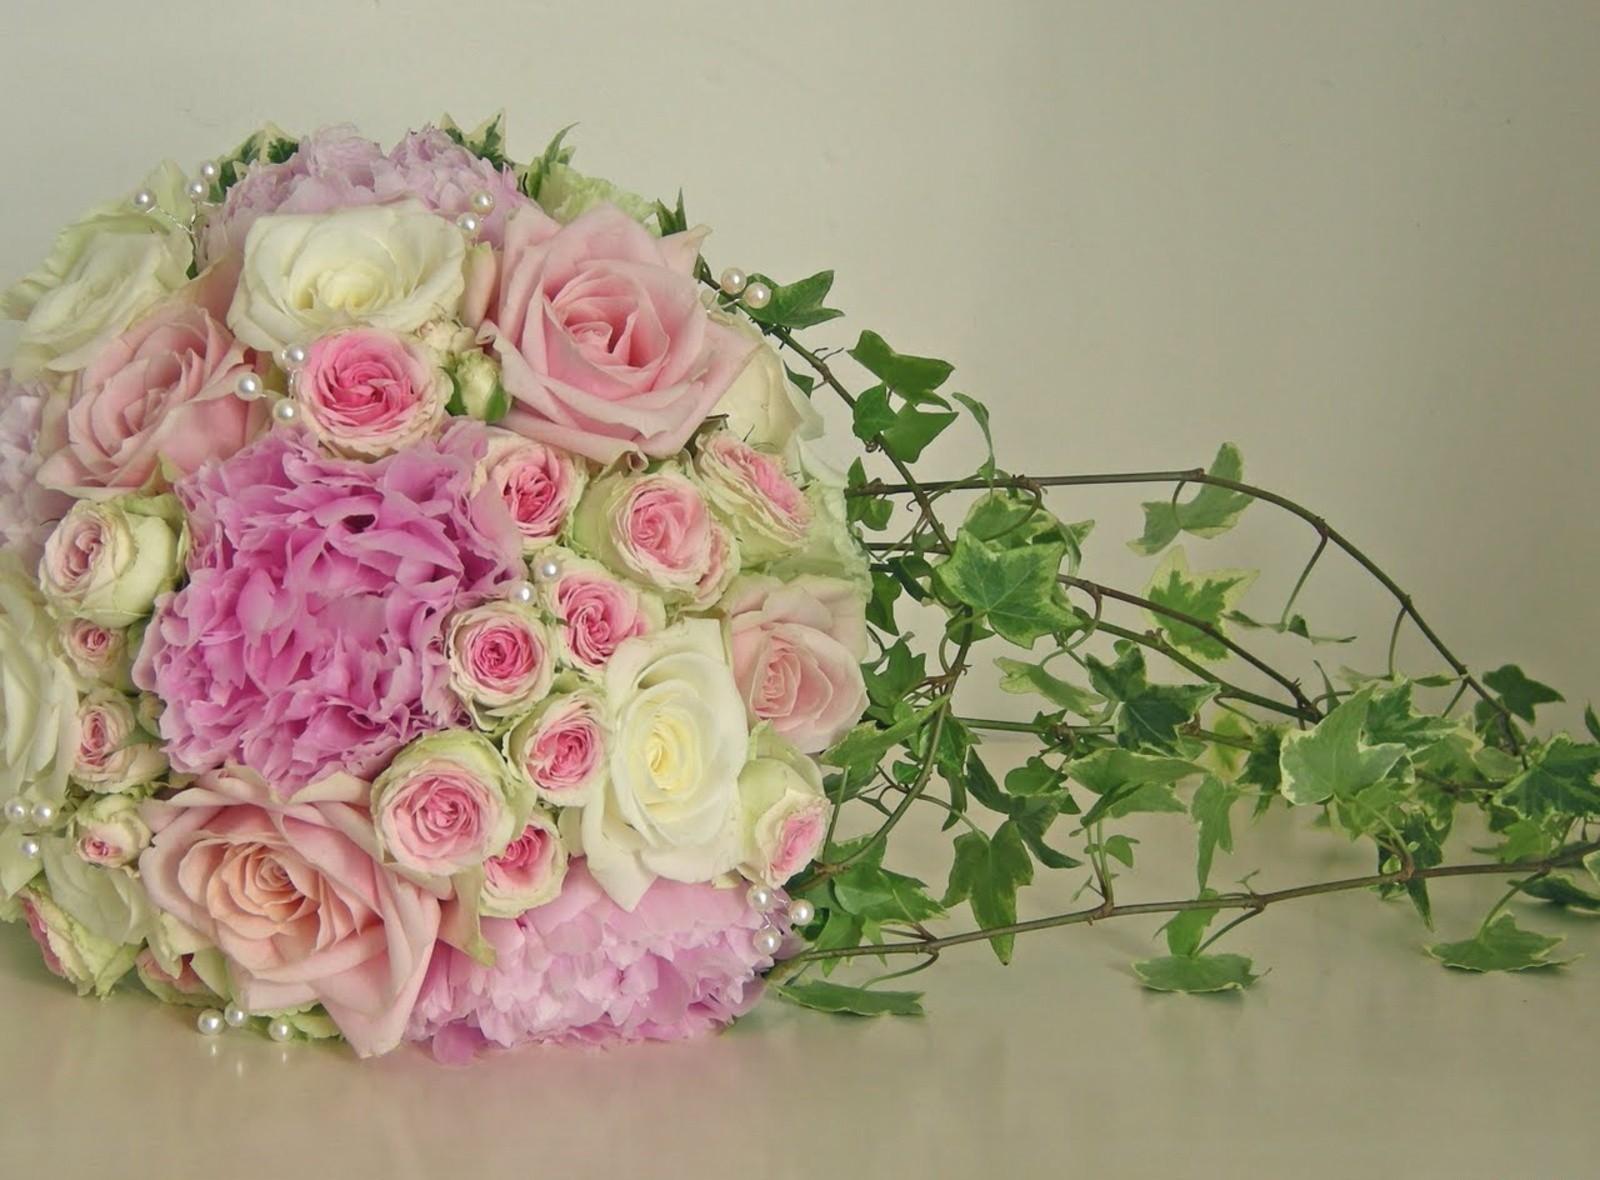 70964 скачать обои Цветы, Букет, Бусинки, Оформление, Зелень, Ветки, Красиво, Розы - заставки и картинки бесплатно